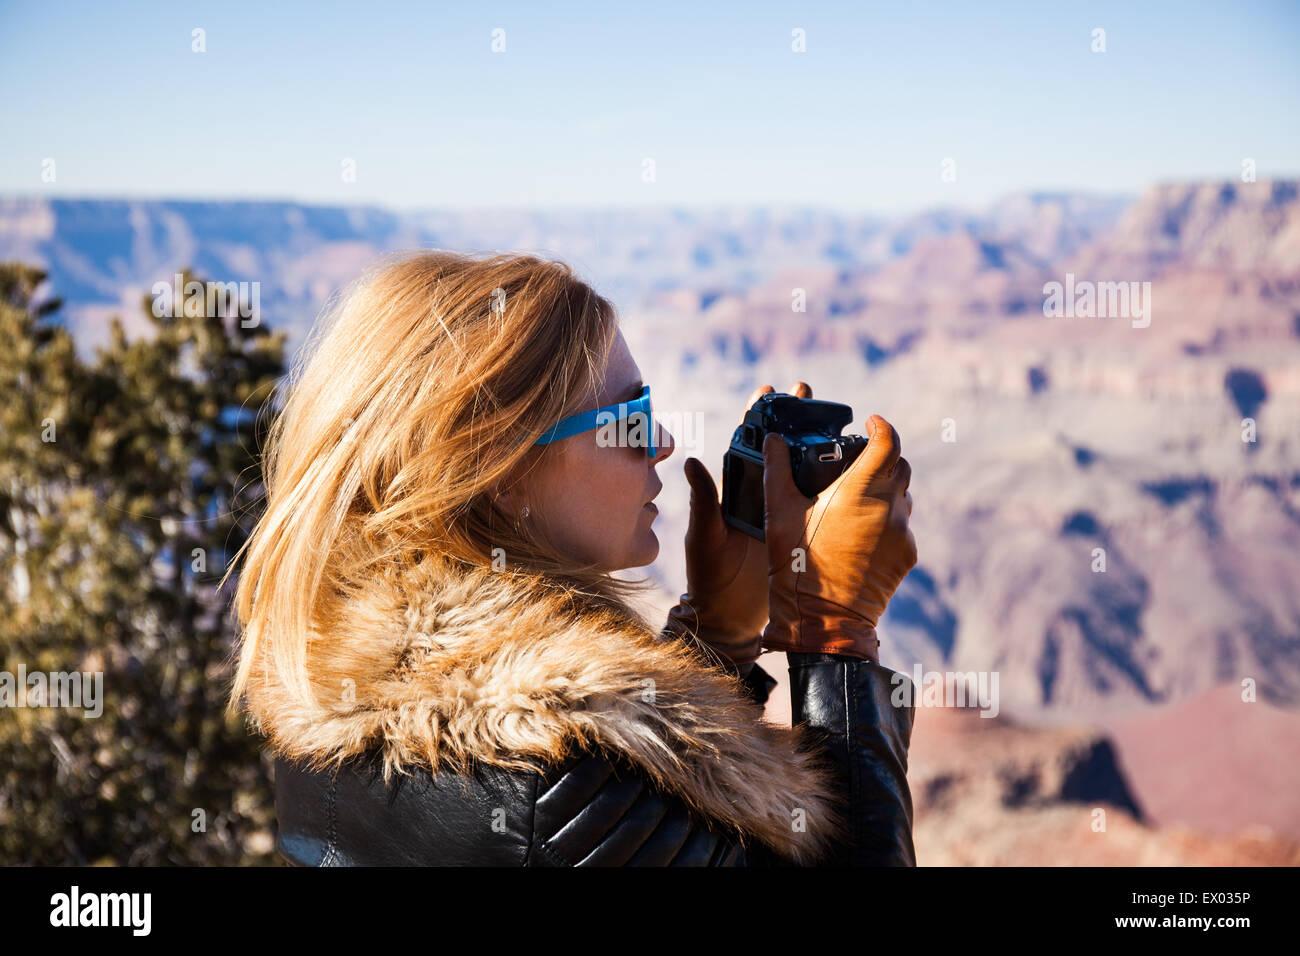 Woman photographing Grand Canyon, Arizona, USA - Stock Image